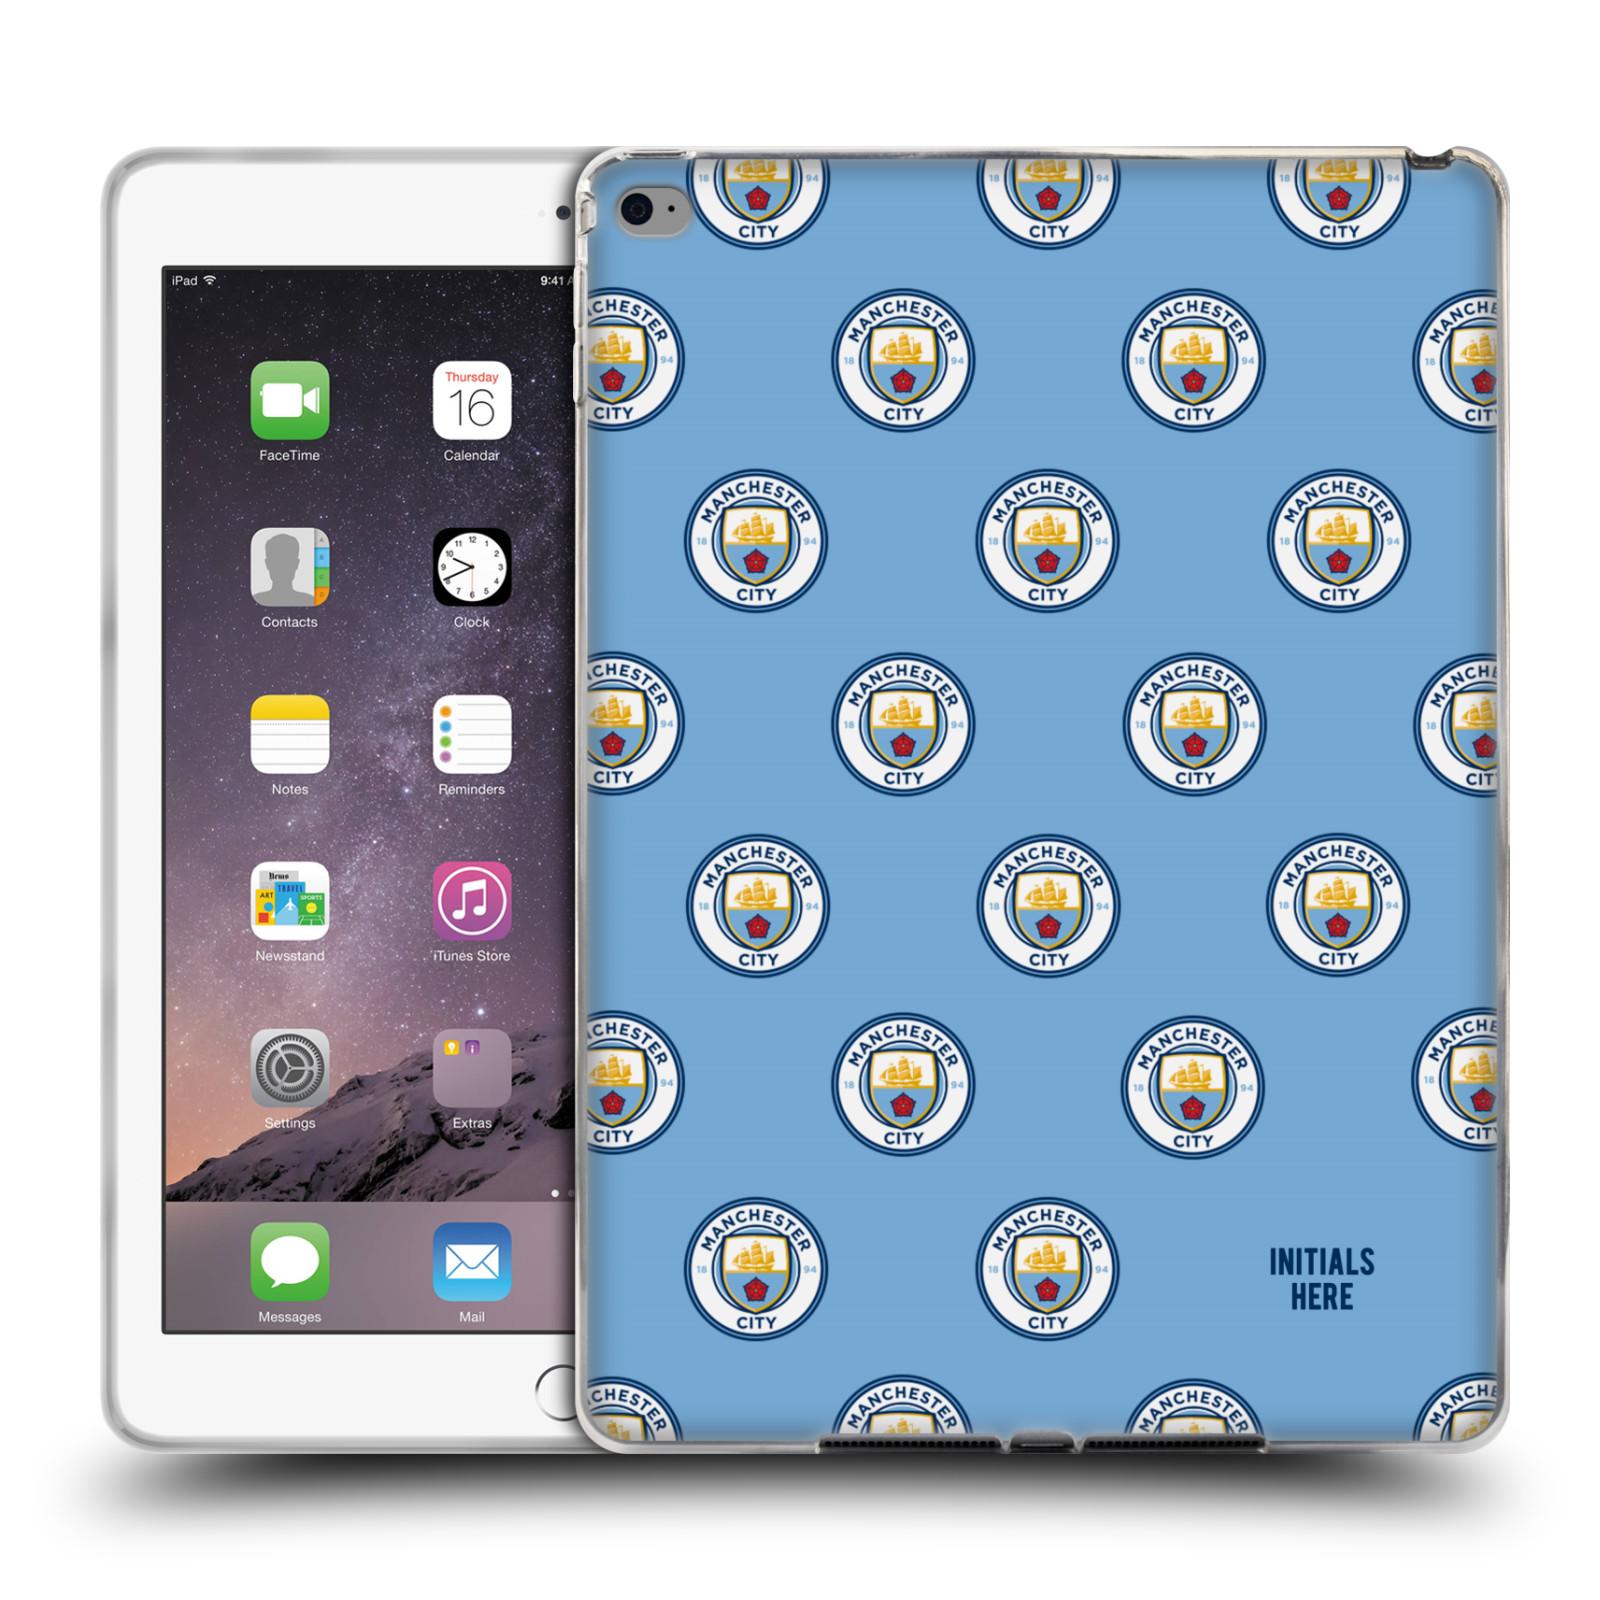 Personalizado-Manchester-City-Hombre-Ciudad-Fc-2017-18-comprimidos-de-gel-caso-para-Apple-Samsung